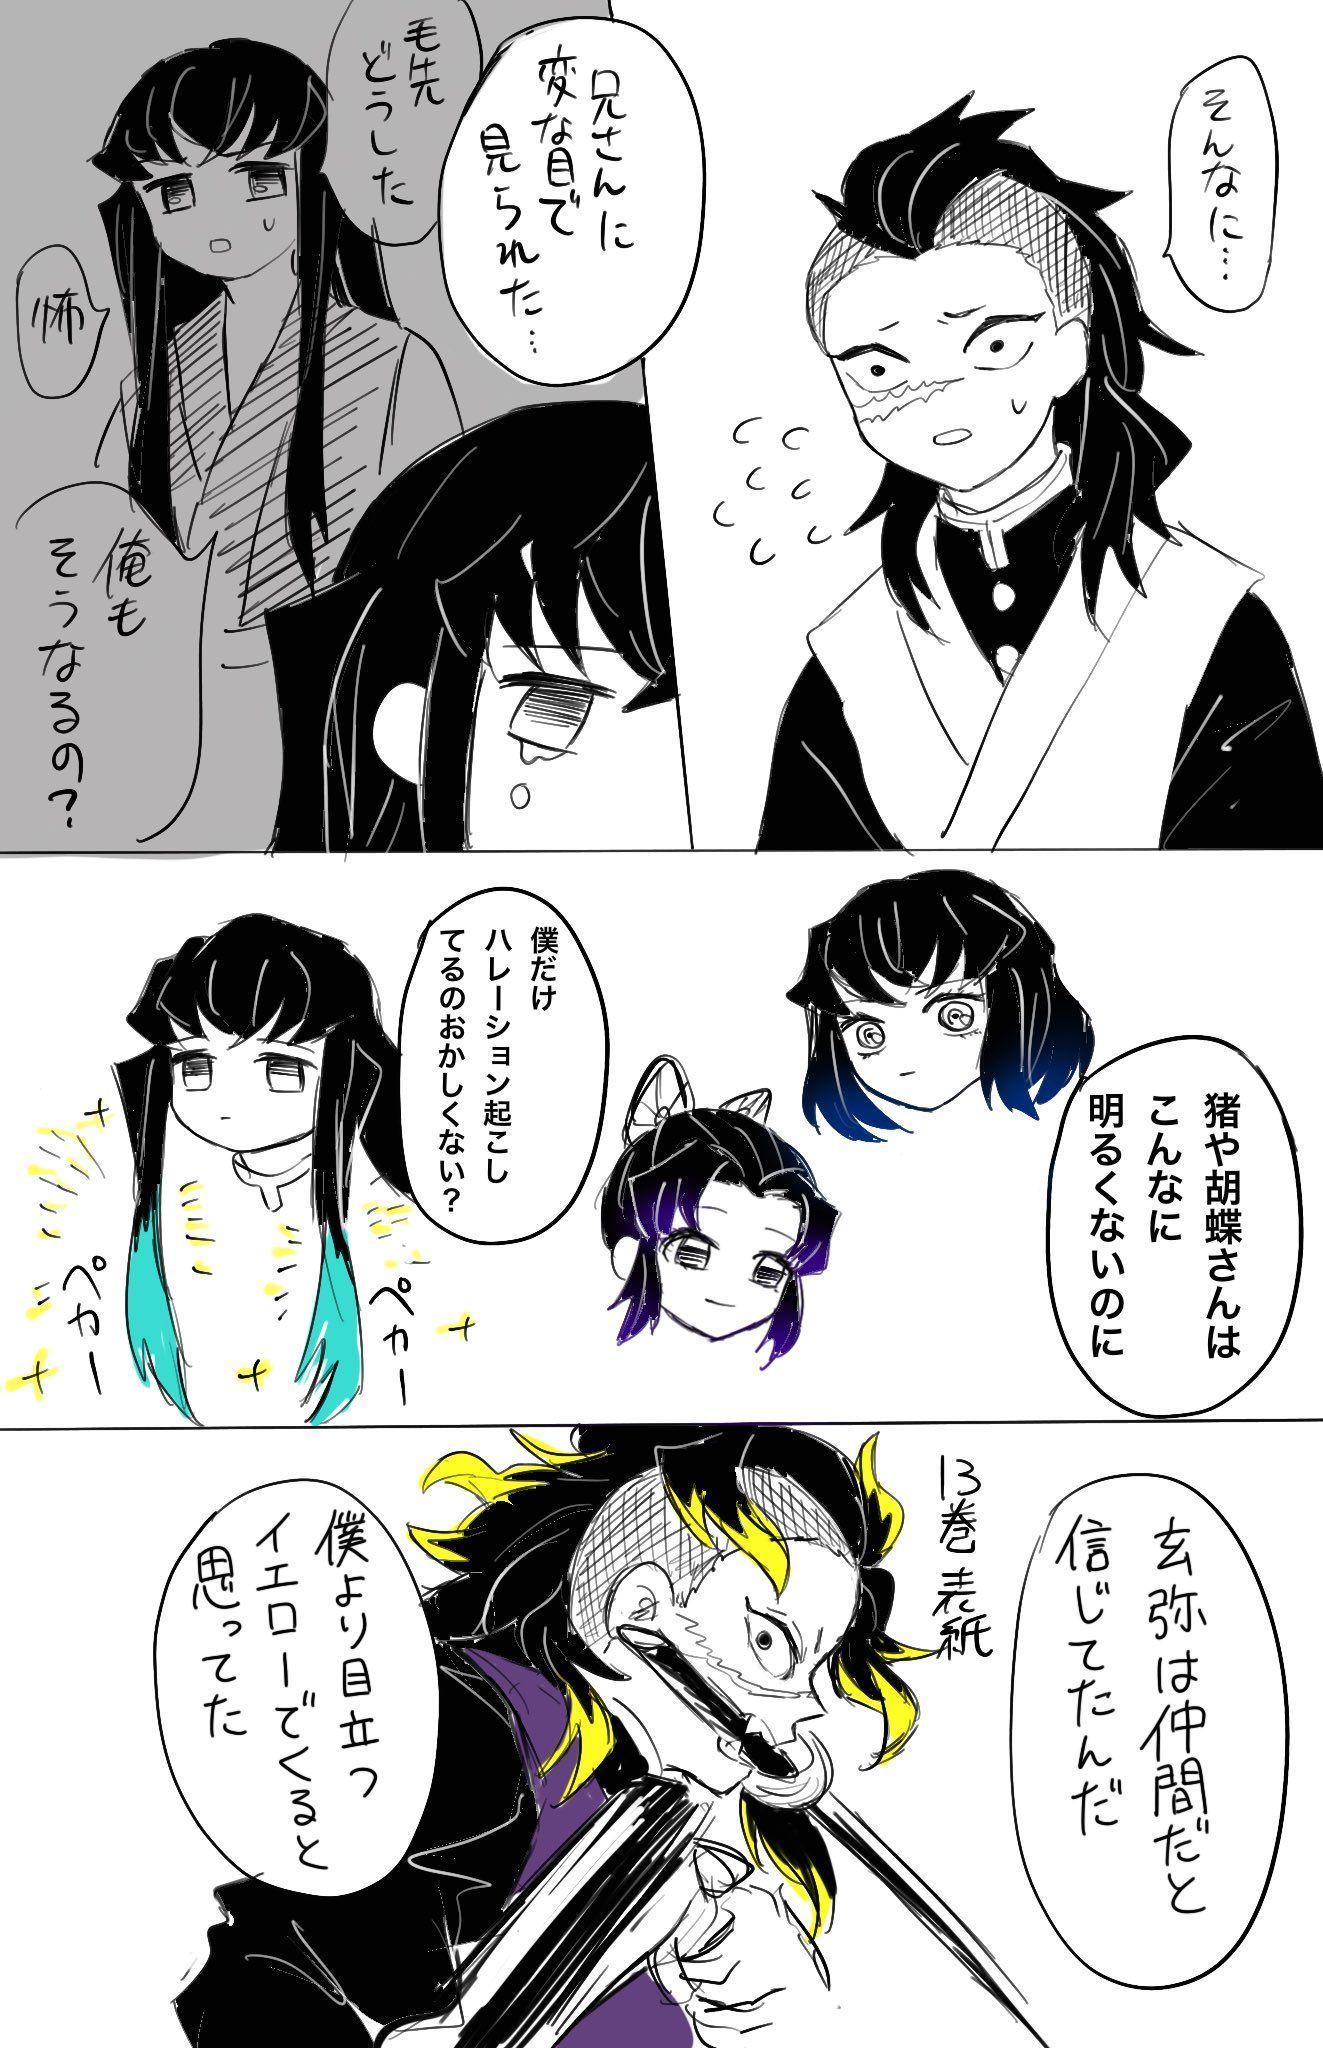 イラスト 無 一郎 漫画